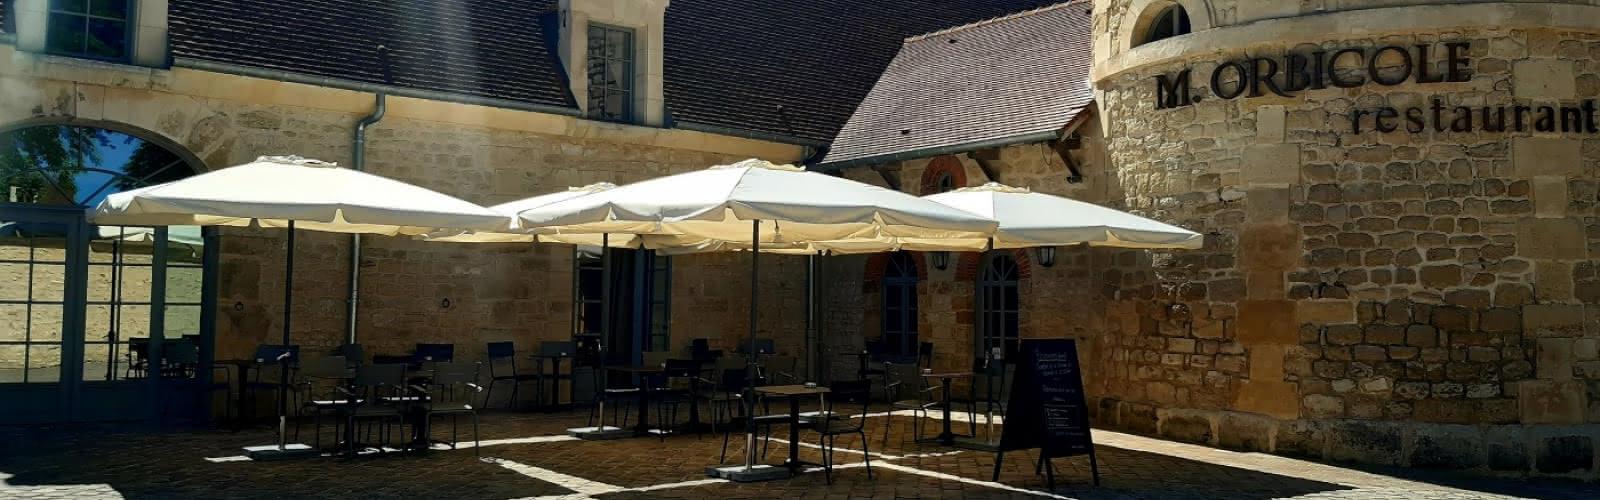 Restaurant M. Orbicole